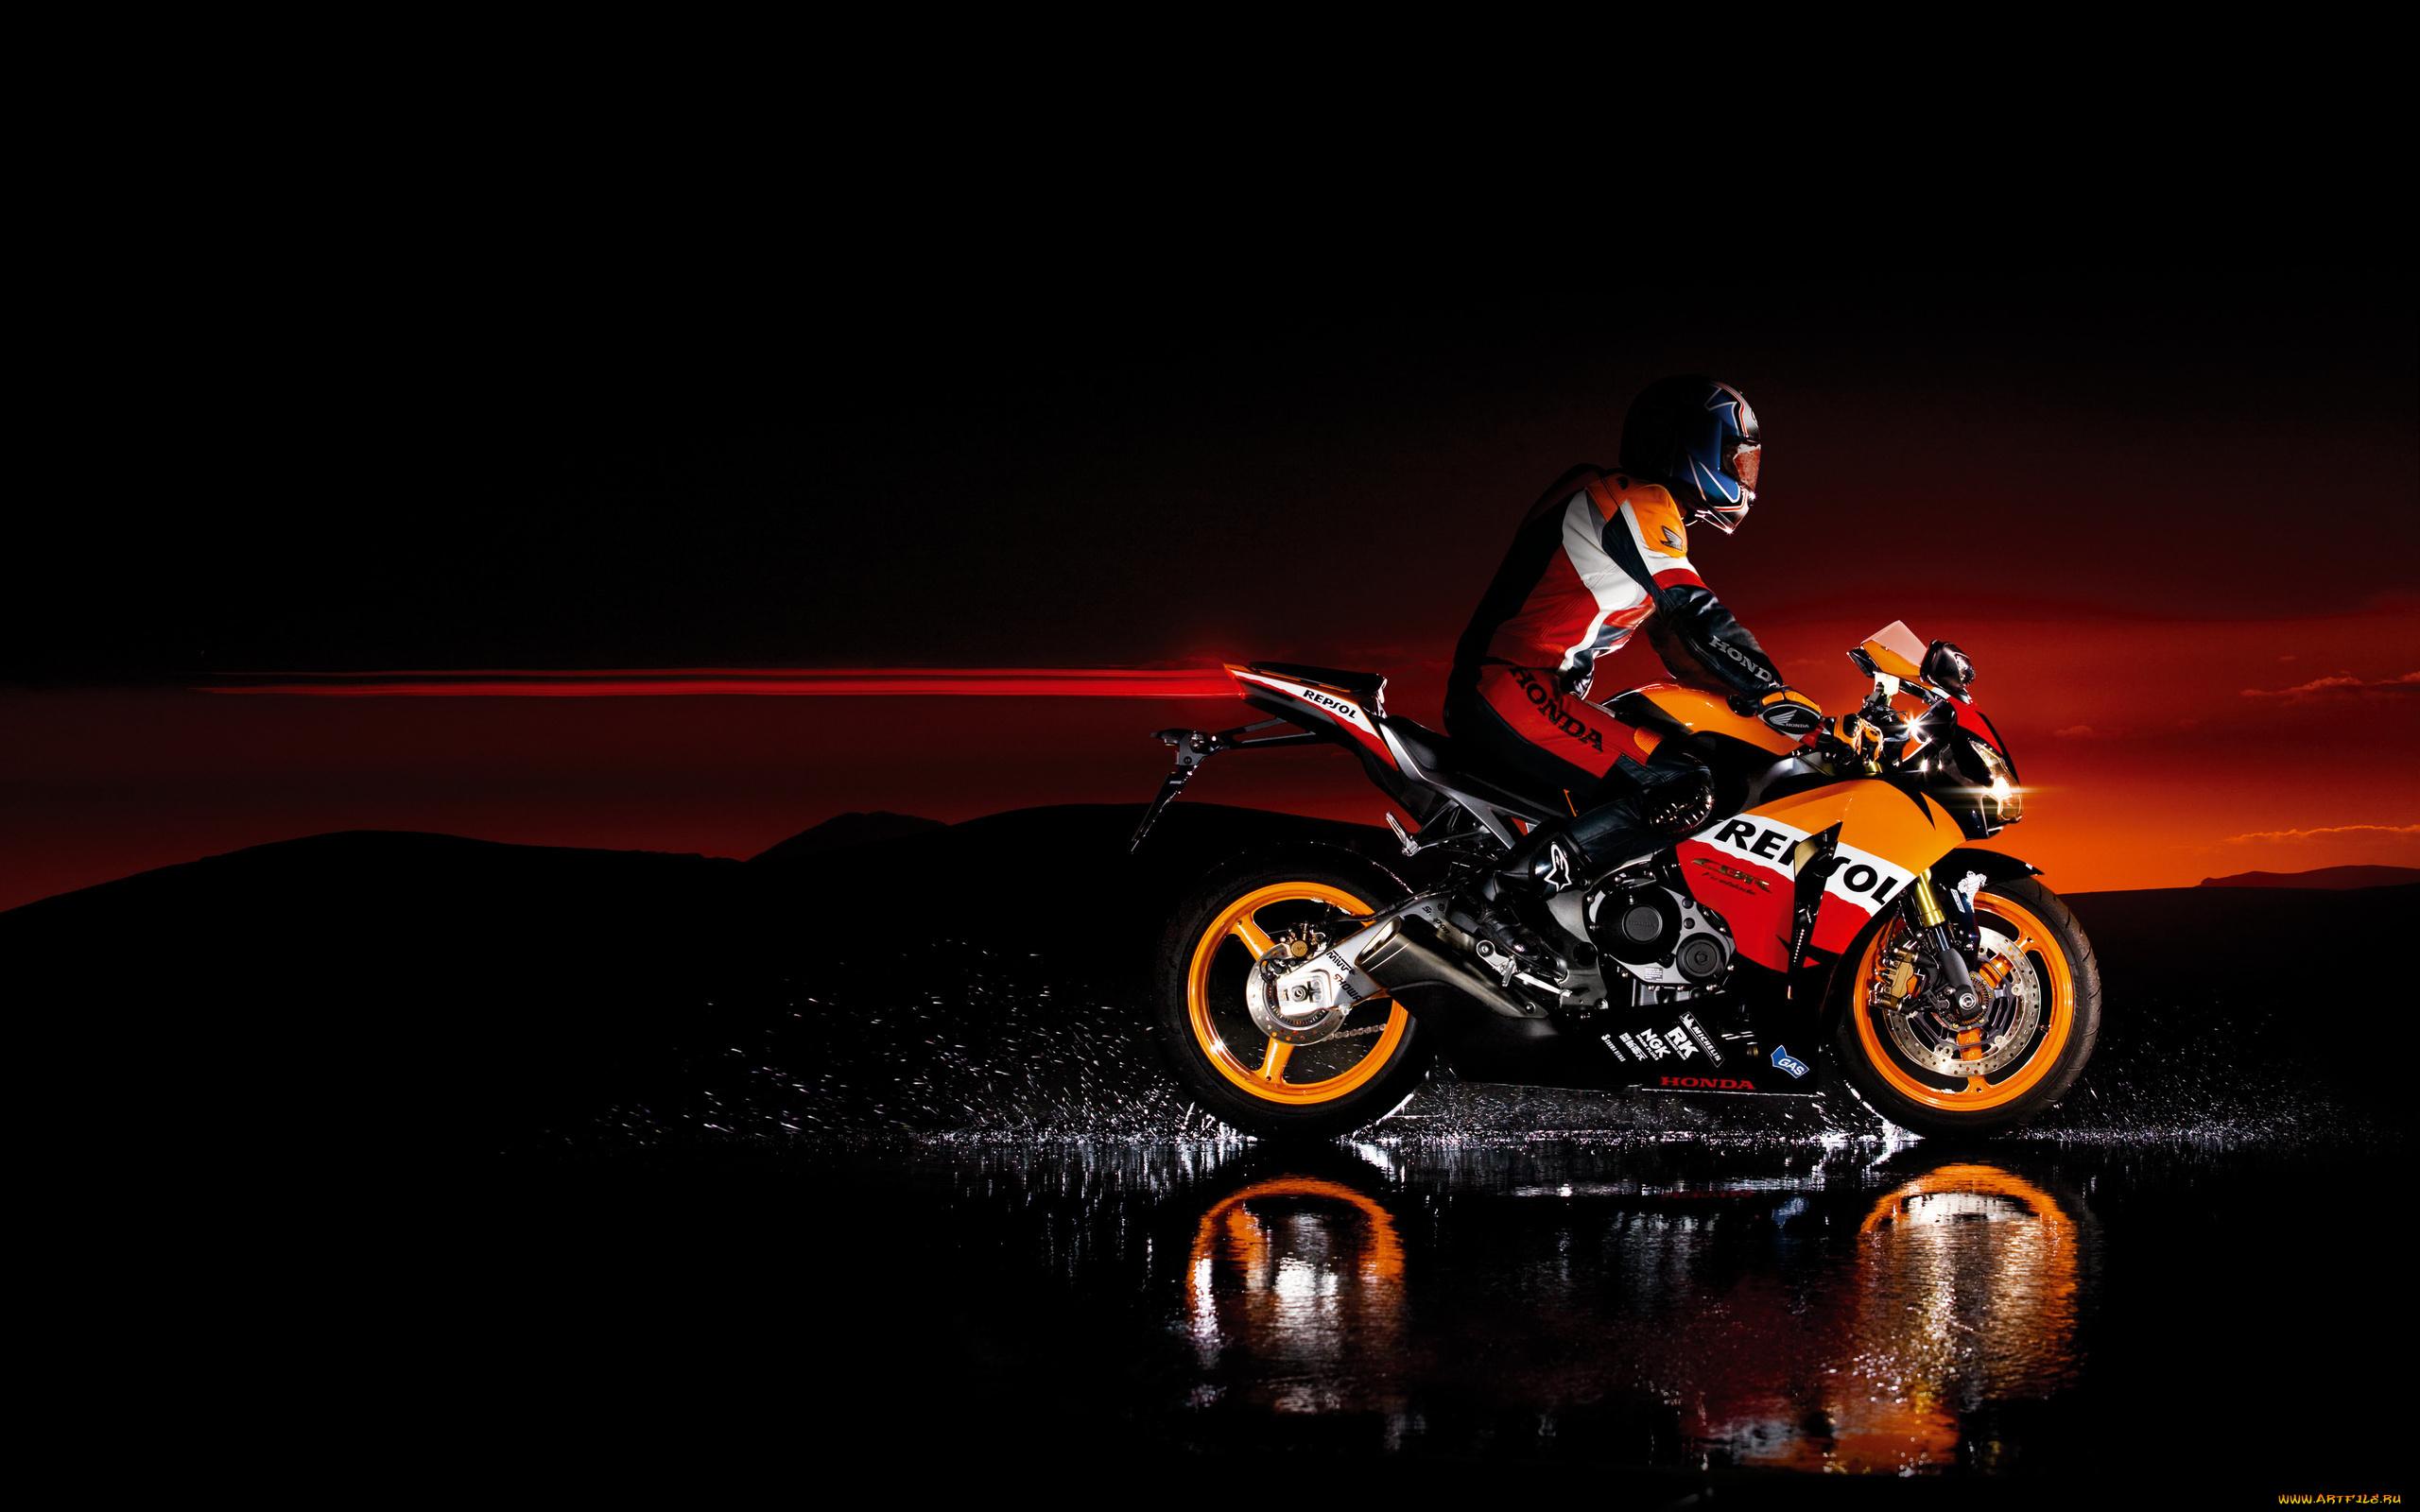 мотоцикл хонда красно-черный бесплатно